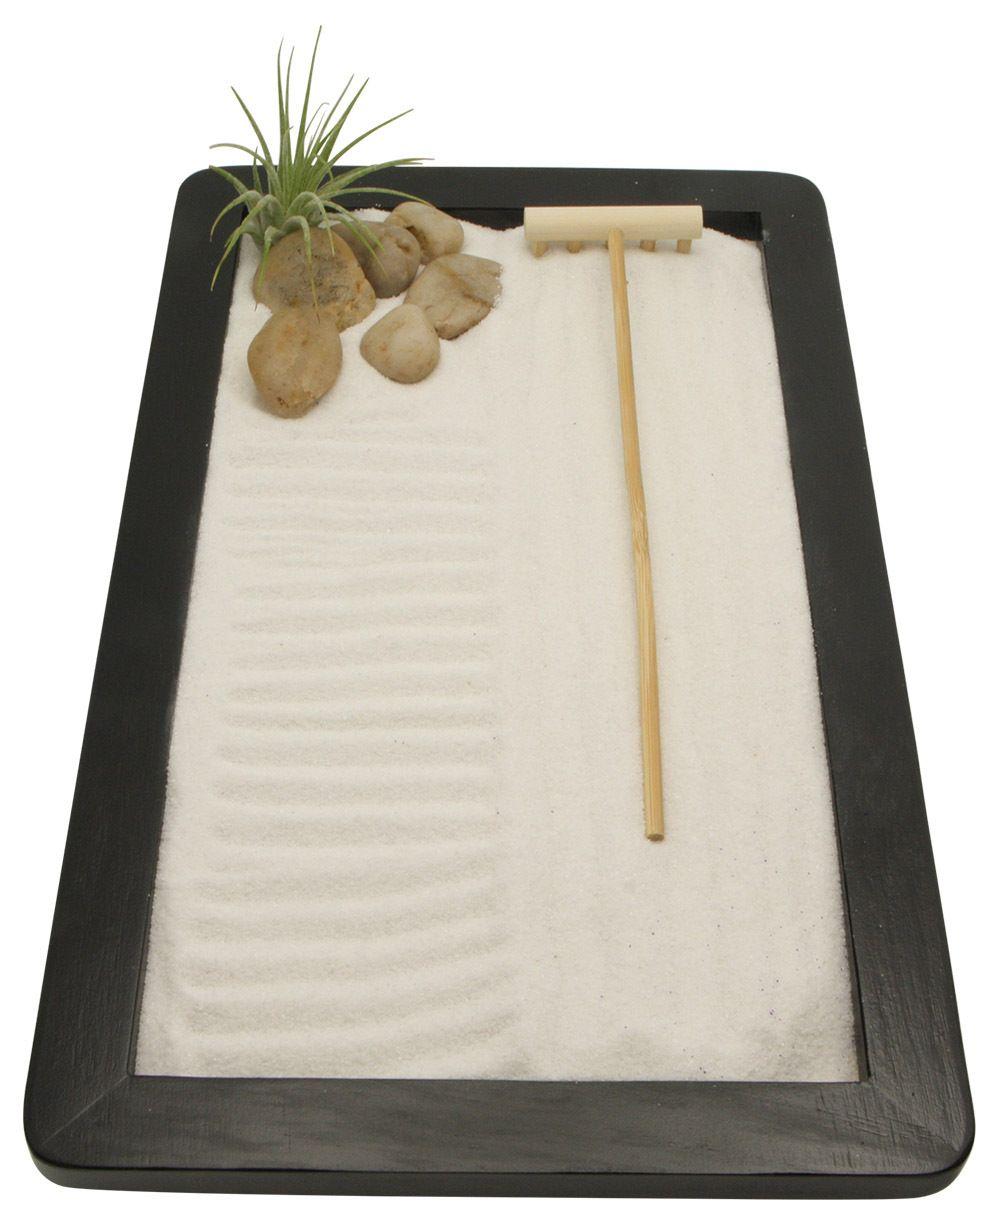 Zen Garden With Airplant With Images Mini Zen Garden Zen